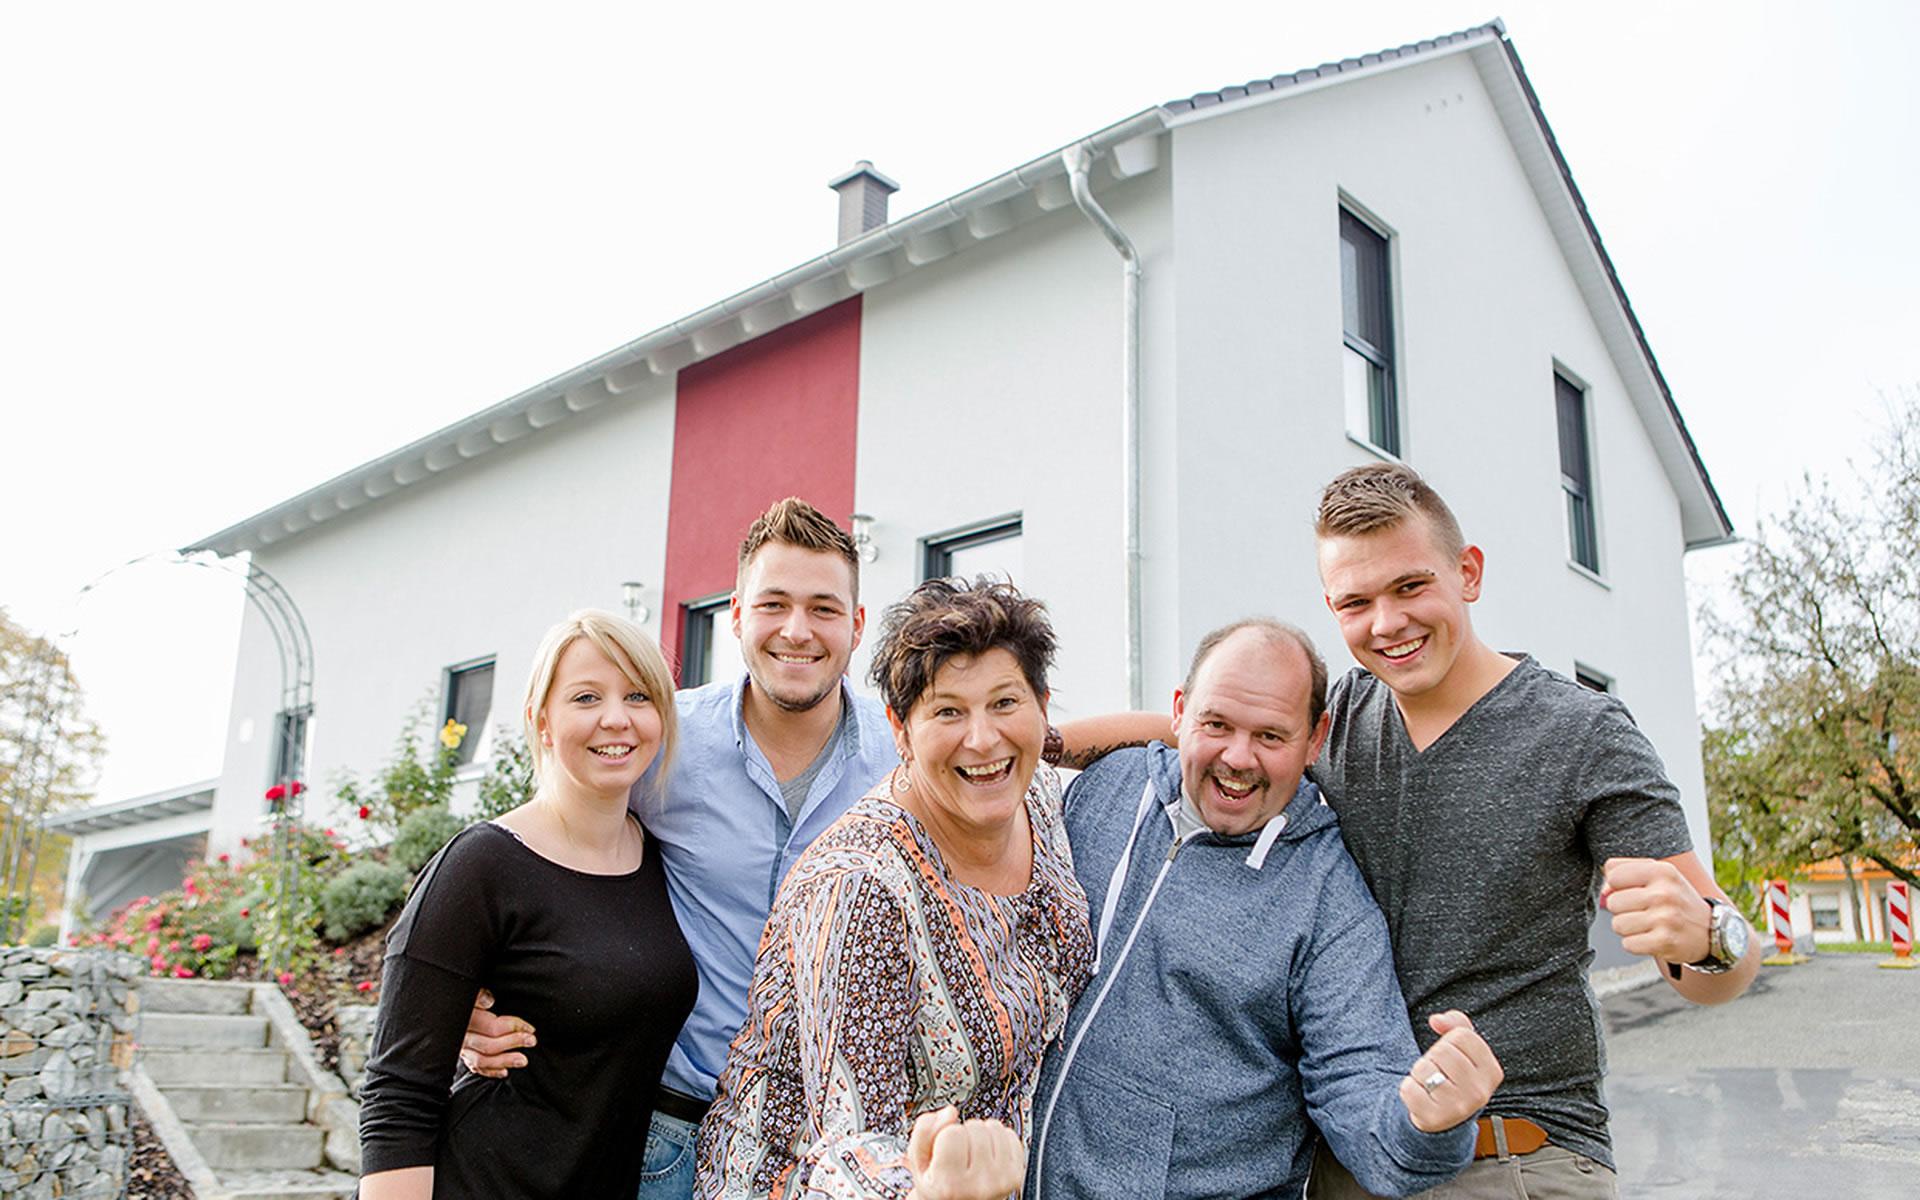 LaVita familia von FischerHaus GmbH & Co. KG